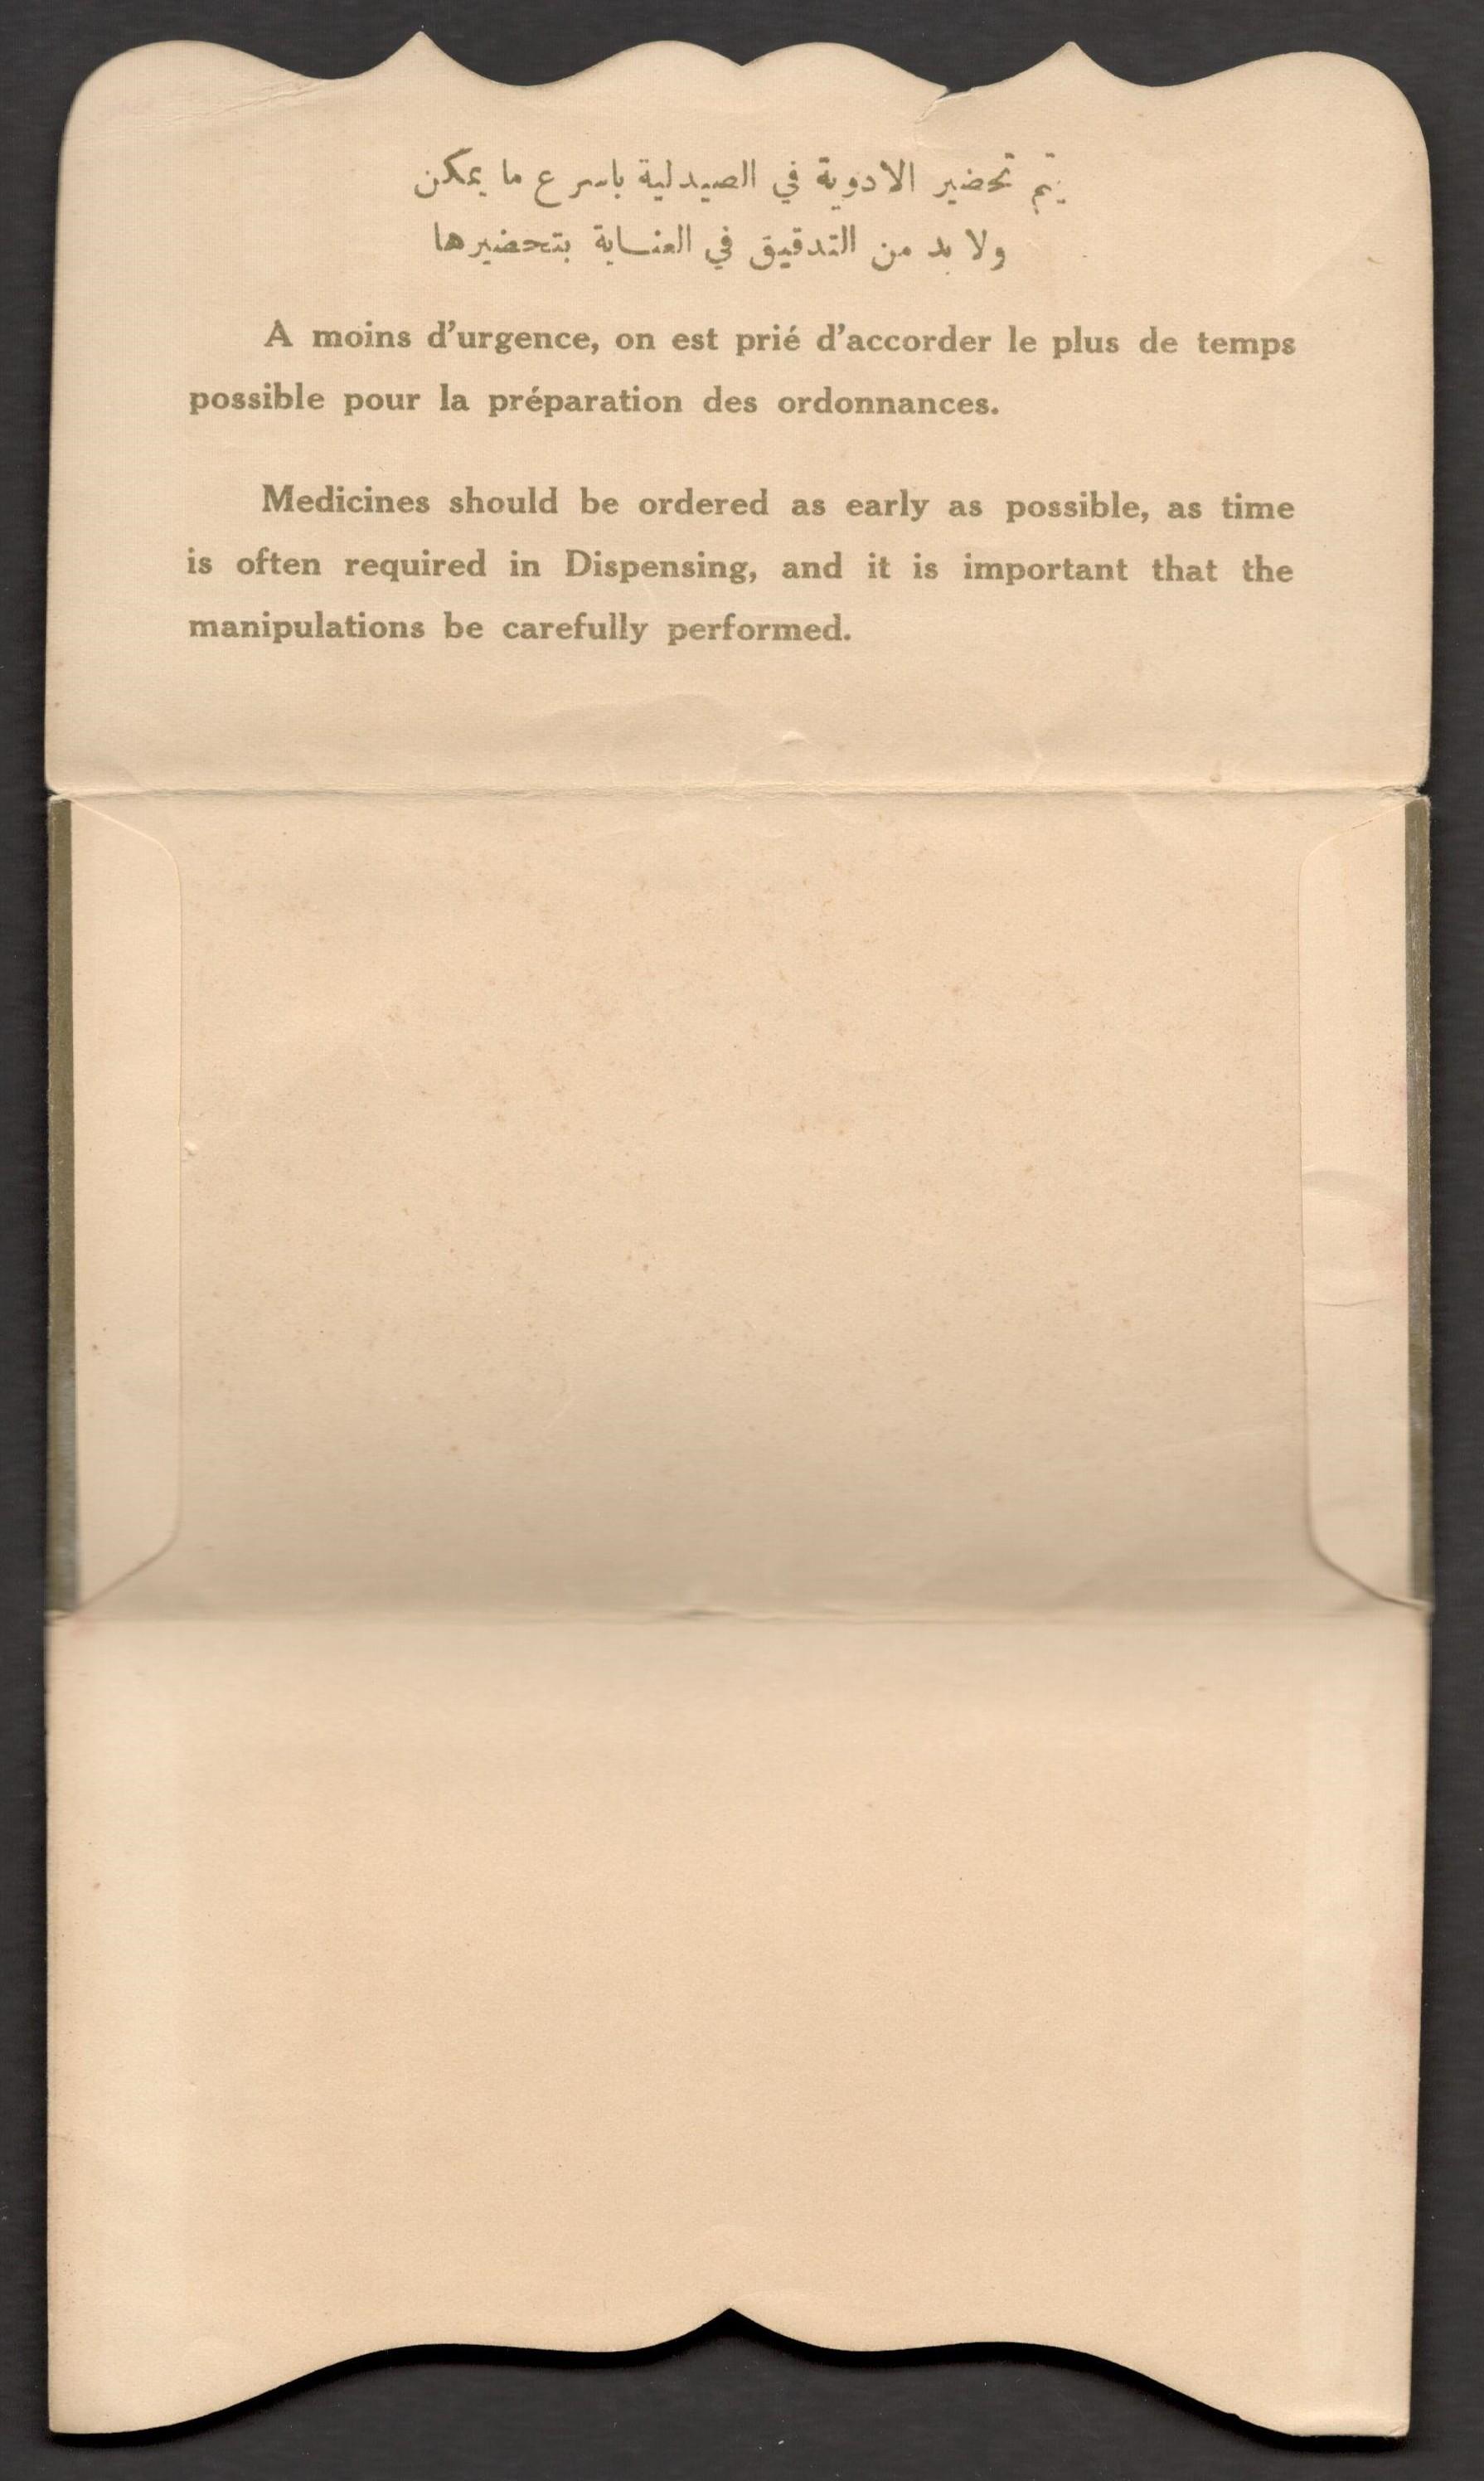 Lot 6 - ILLUSTRATED PHARMACY PRESCRIPTION ENVELOPE - ALEXANDRIE EGYPT